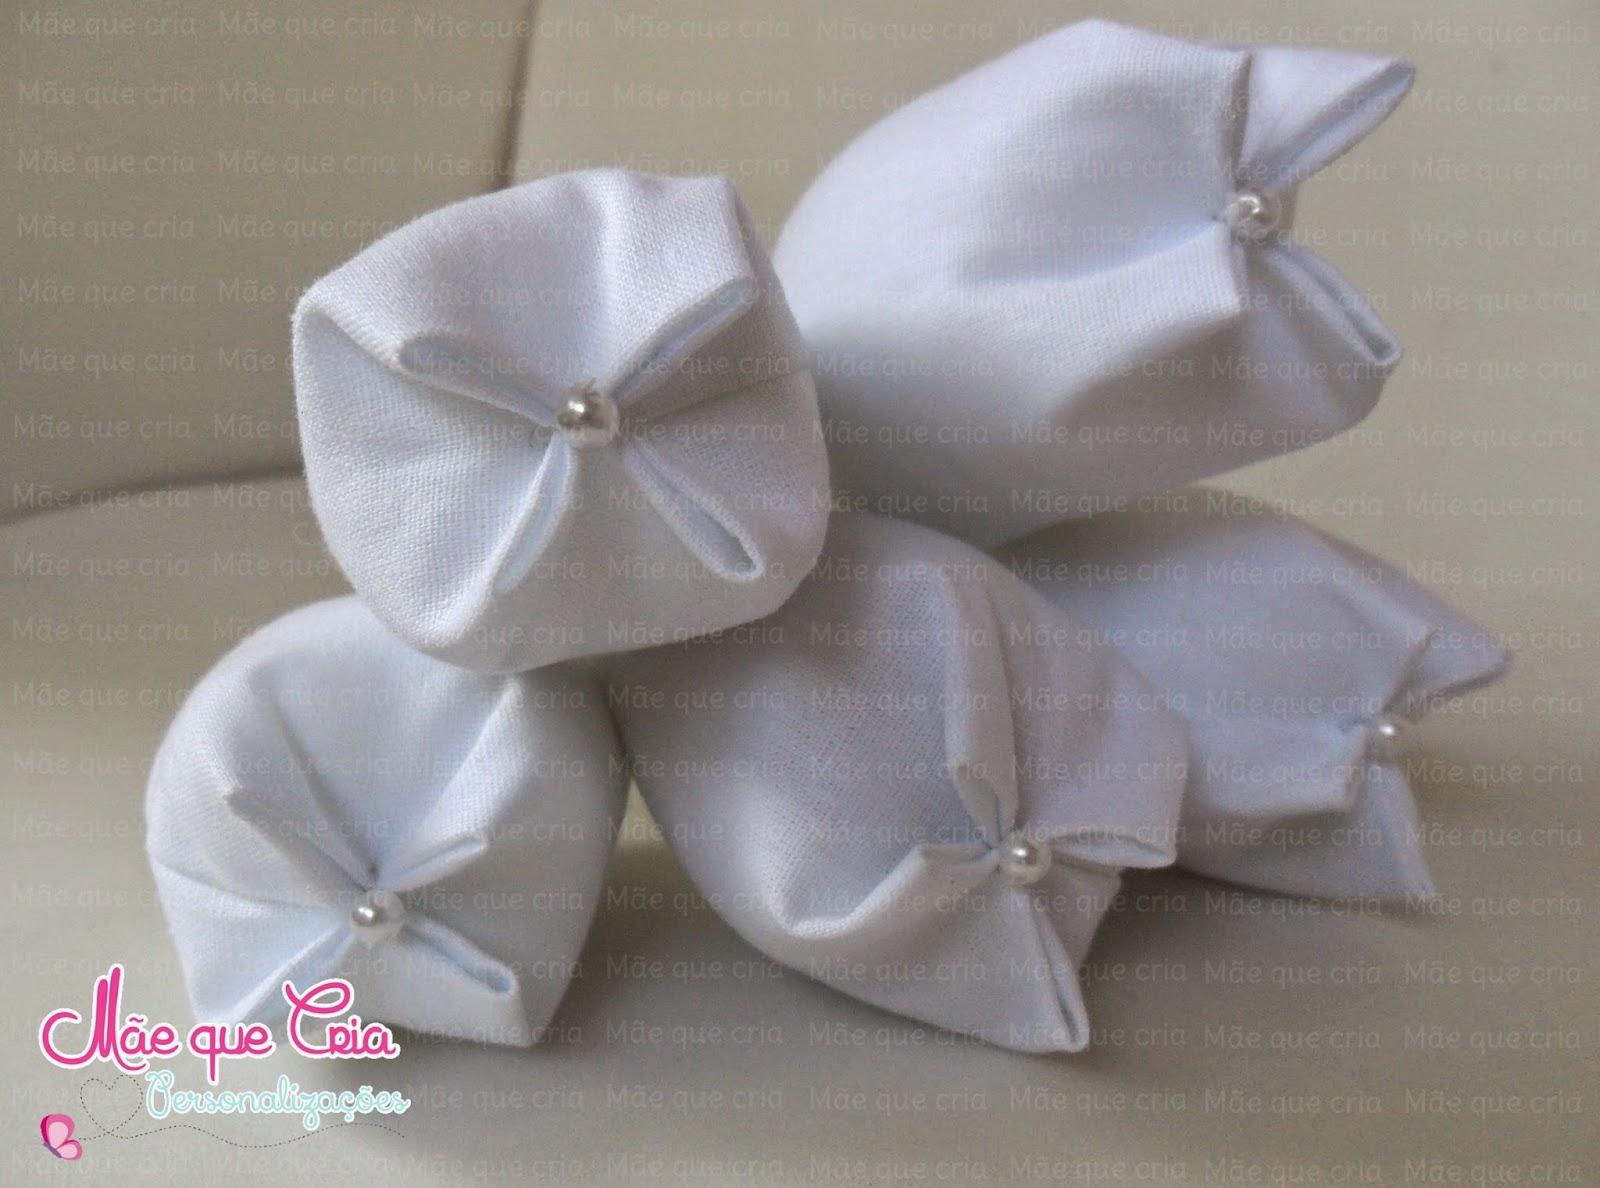 tulipa-de-tecido-branca